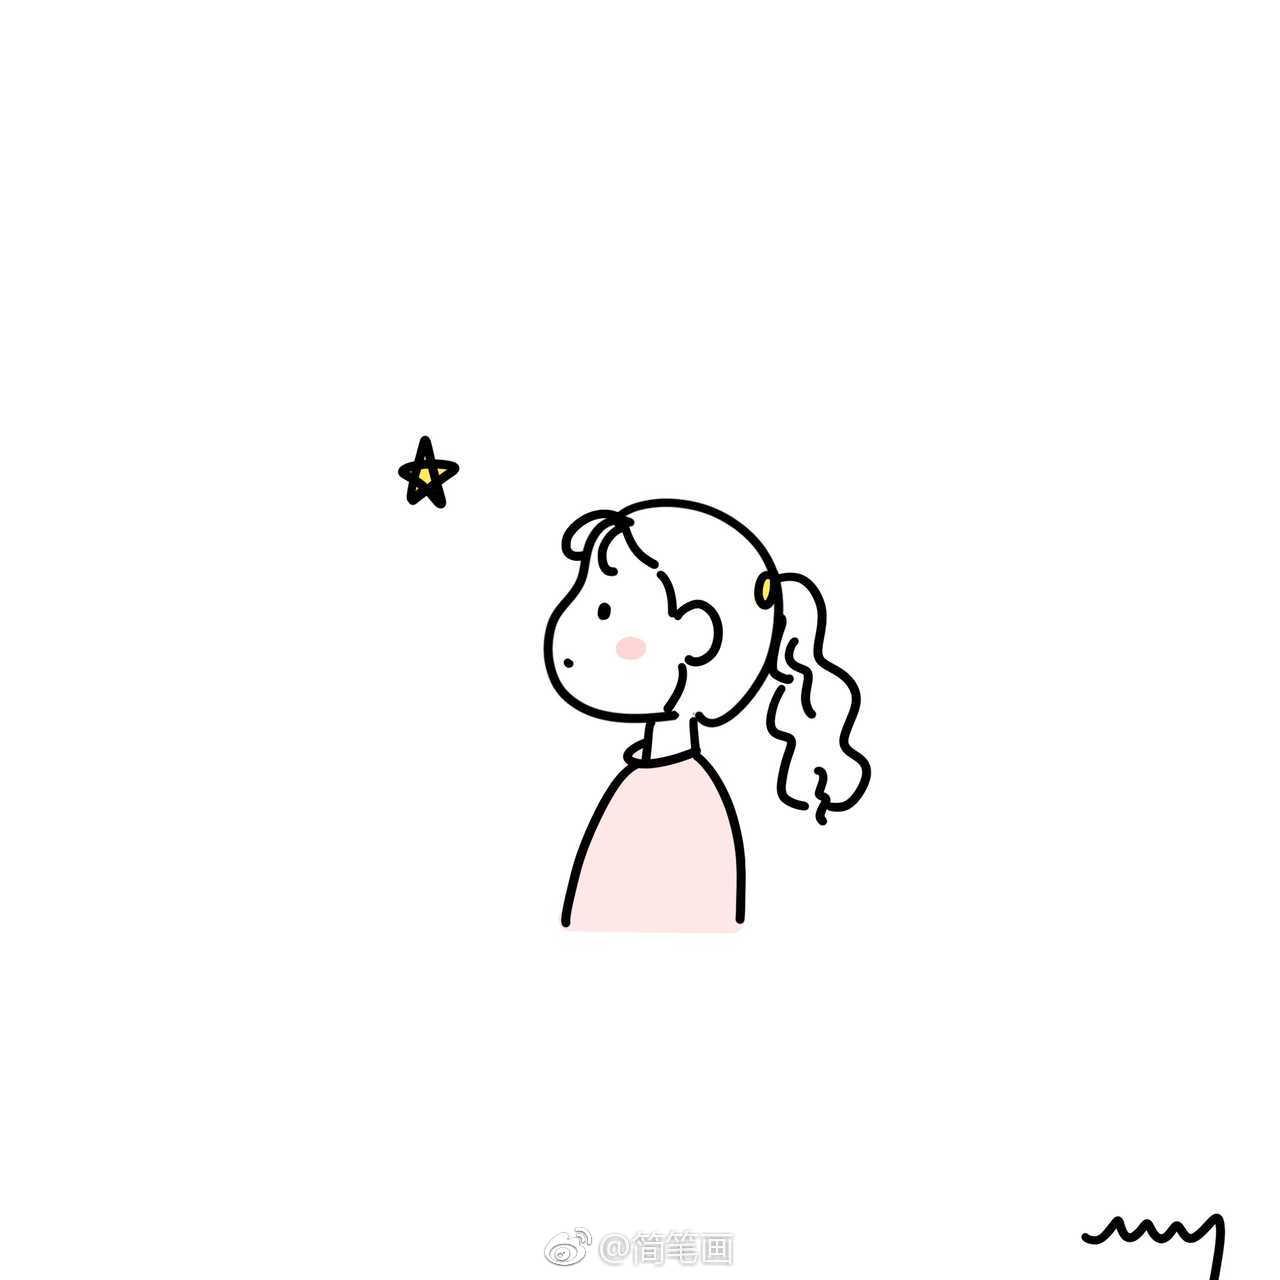 可爱的简笔画小女孩头像(作者:faith-wy- )